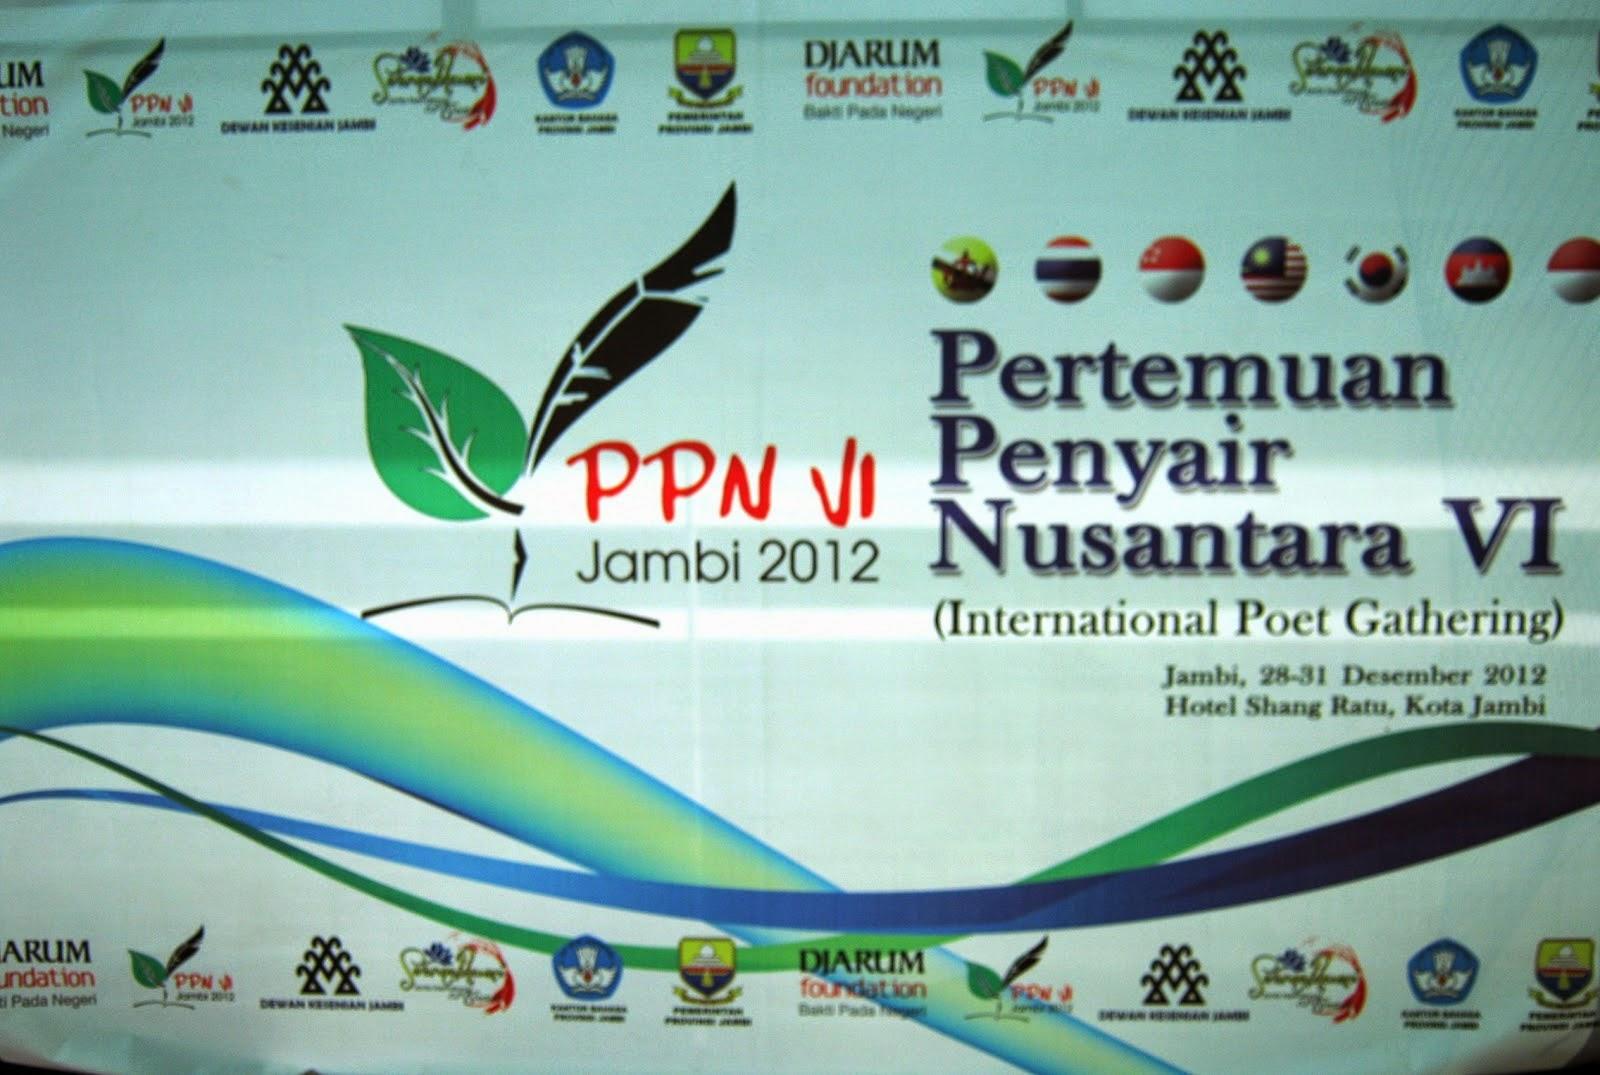 Pertemuan Penyair Nusantara